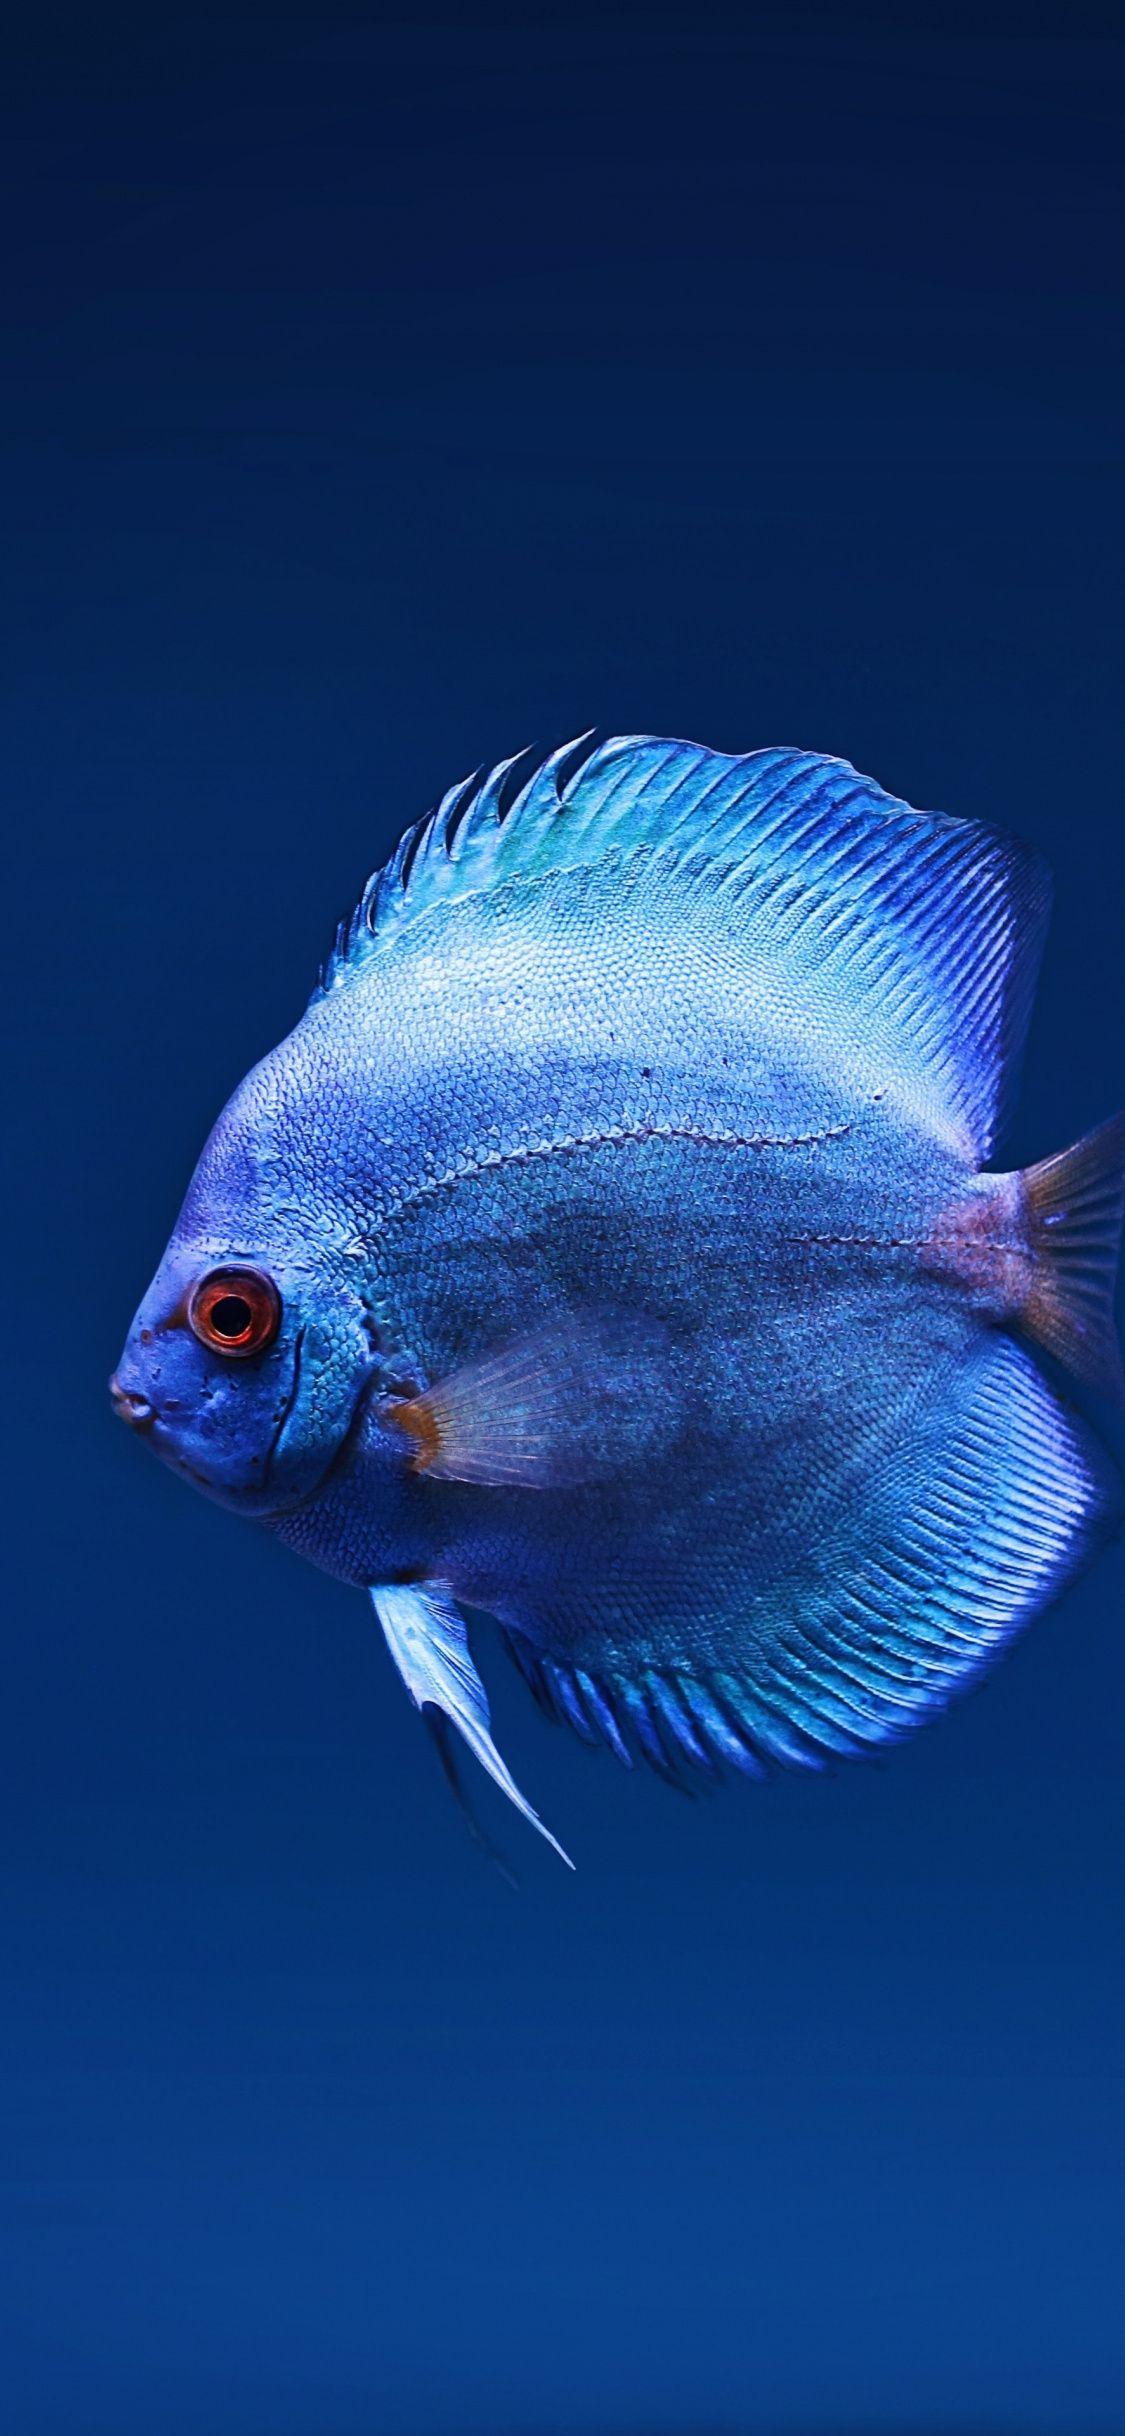 1125x2436 Blue Fish Close Up Wallpaper Fish Wallpaper Hd Cool